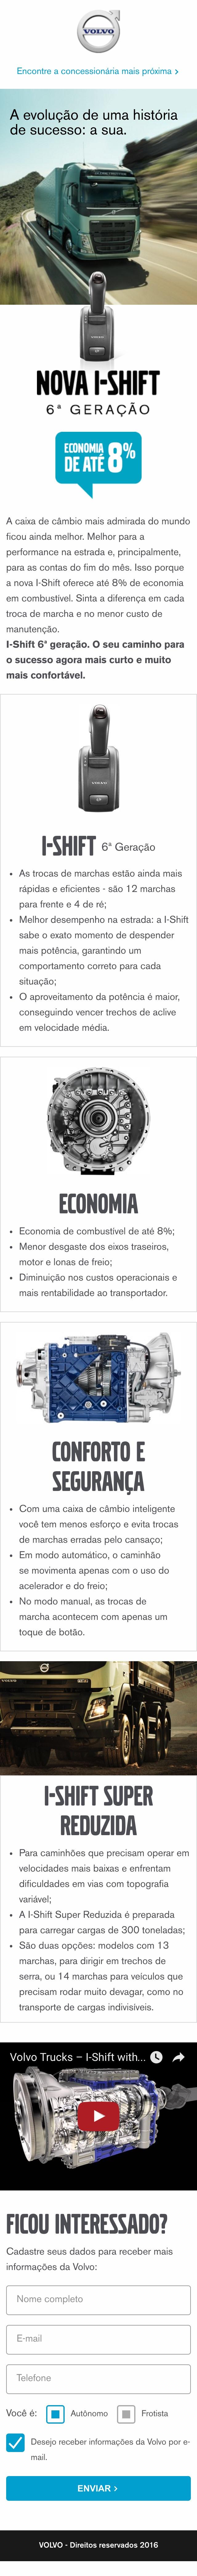 I-Shift 6ª Geração - Caixa de Câmbio Volvo - 005.jpg